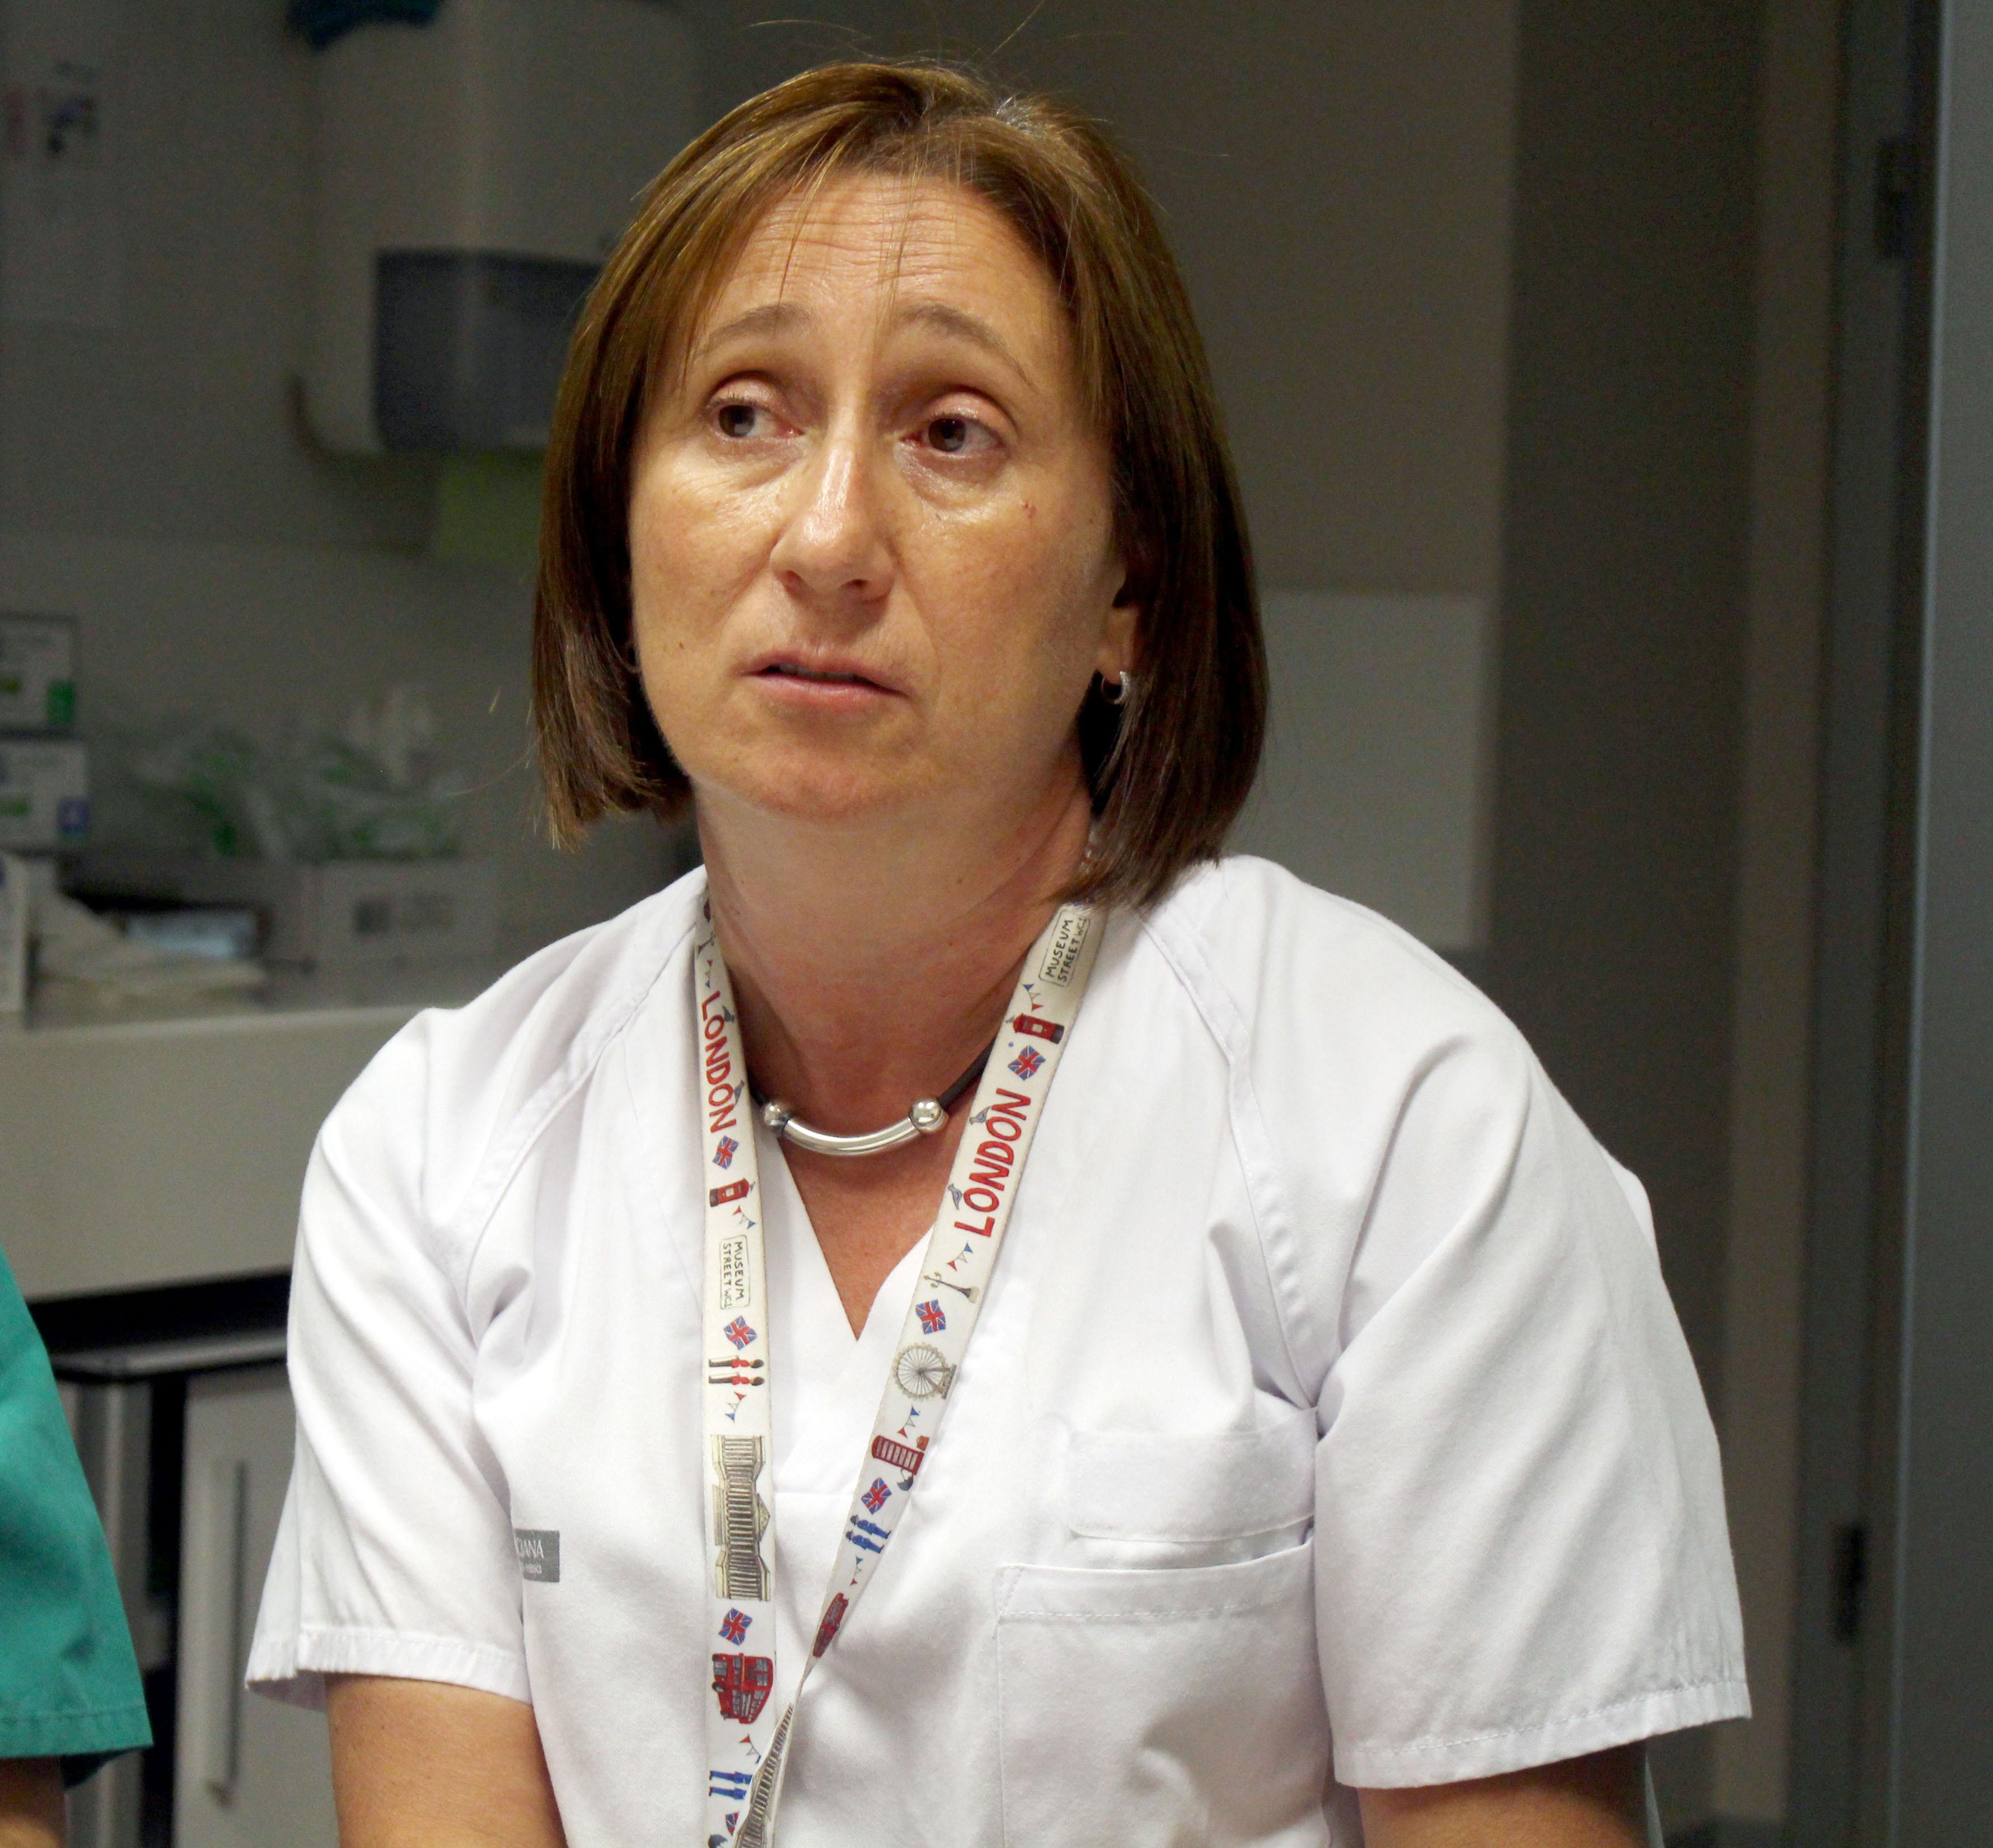 Patricia Polo Sánchez, tutora de residentes del área de Obstetricia y Ginecología del Hospital Universitario y Politécnico de La Fe.